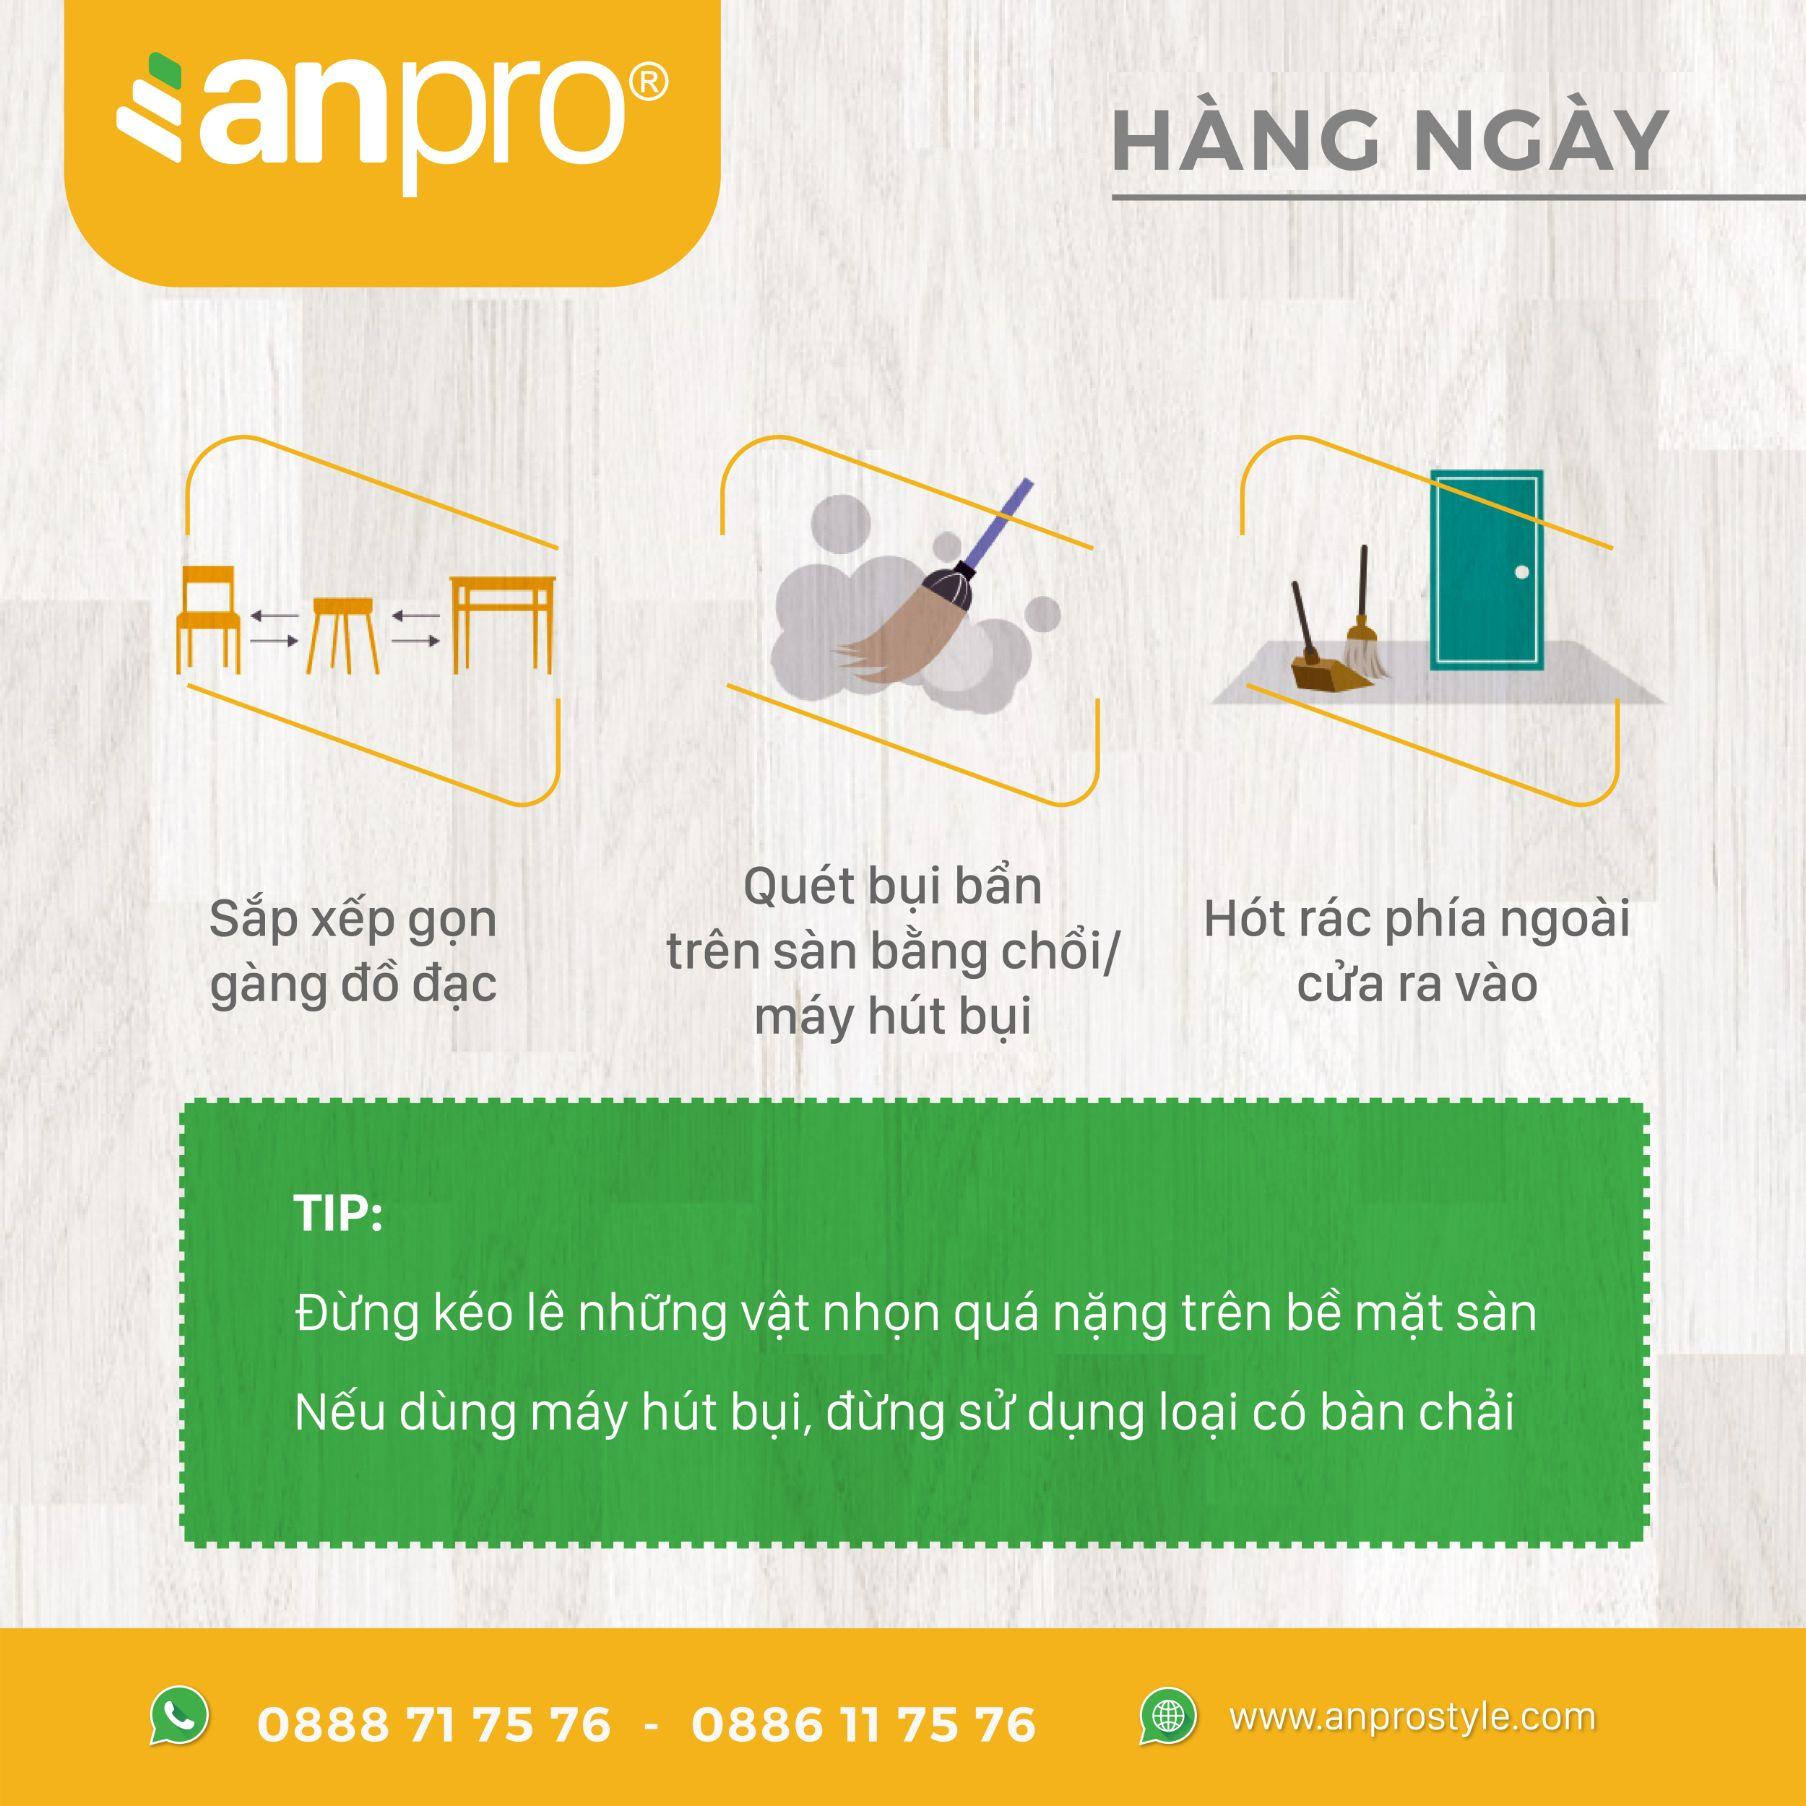 2 - Cách vệ sinh sàn vân gỗ AnPro